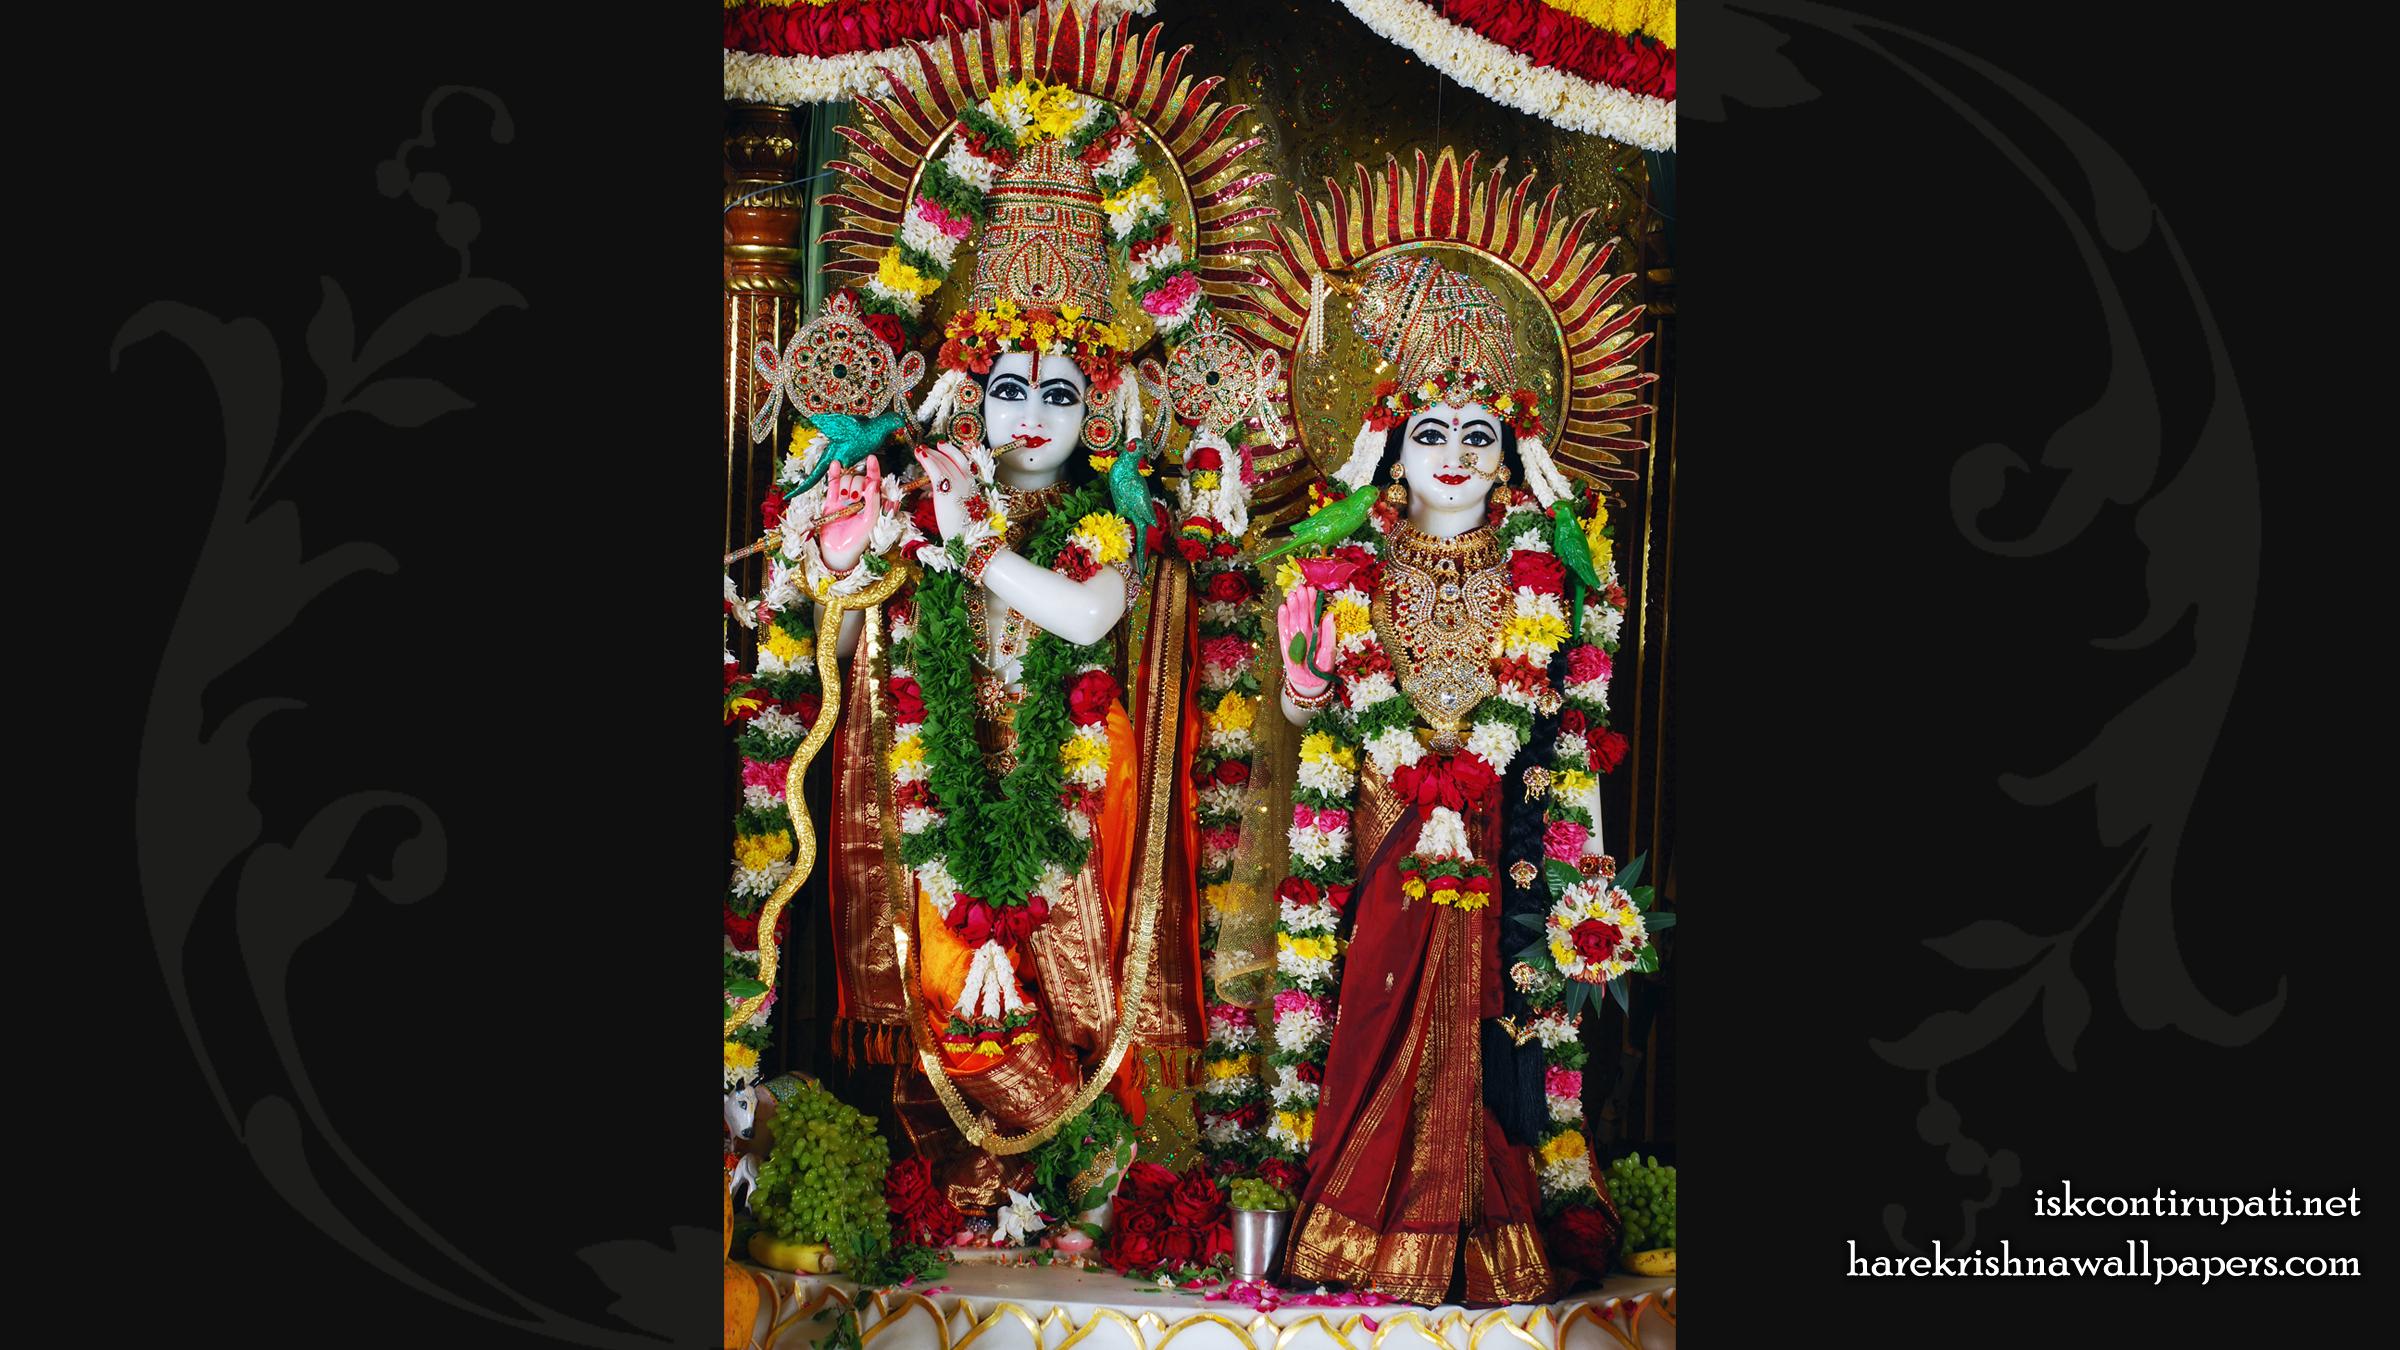 Sri Sri Radha Govinda Wallpaper (002) Size 2400x1350 Download